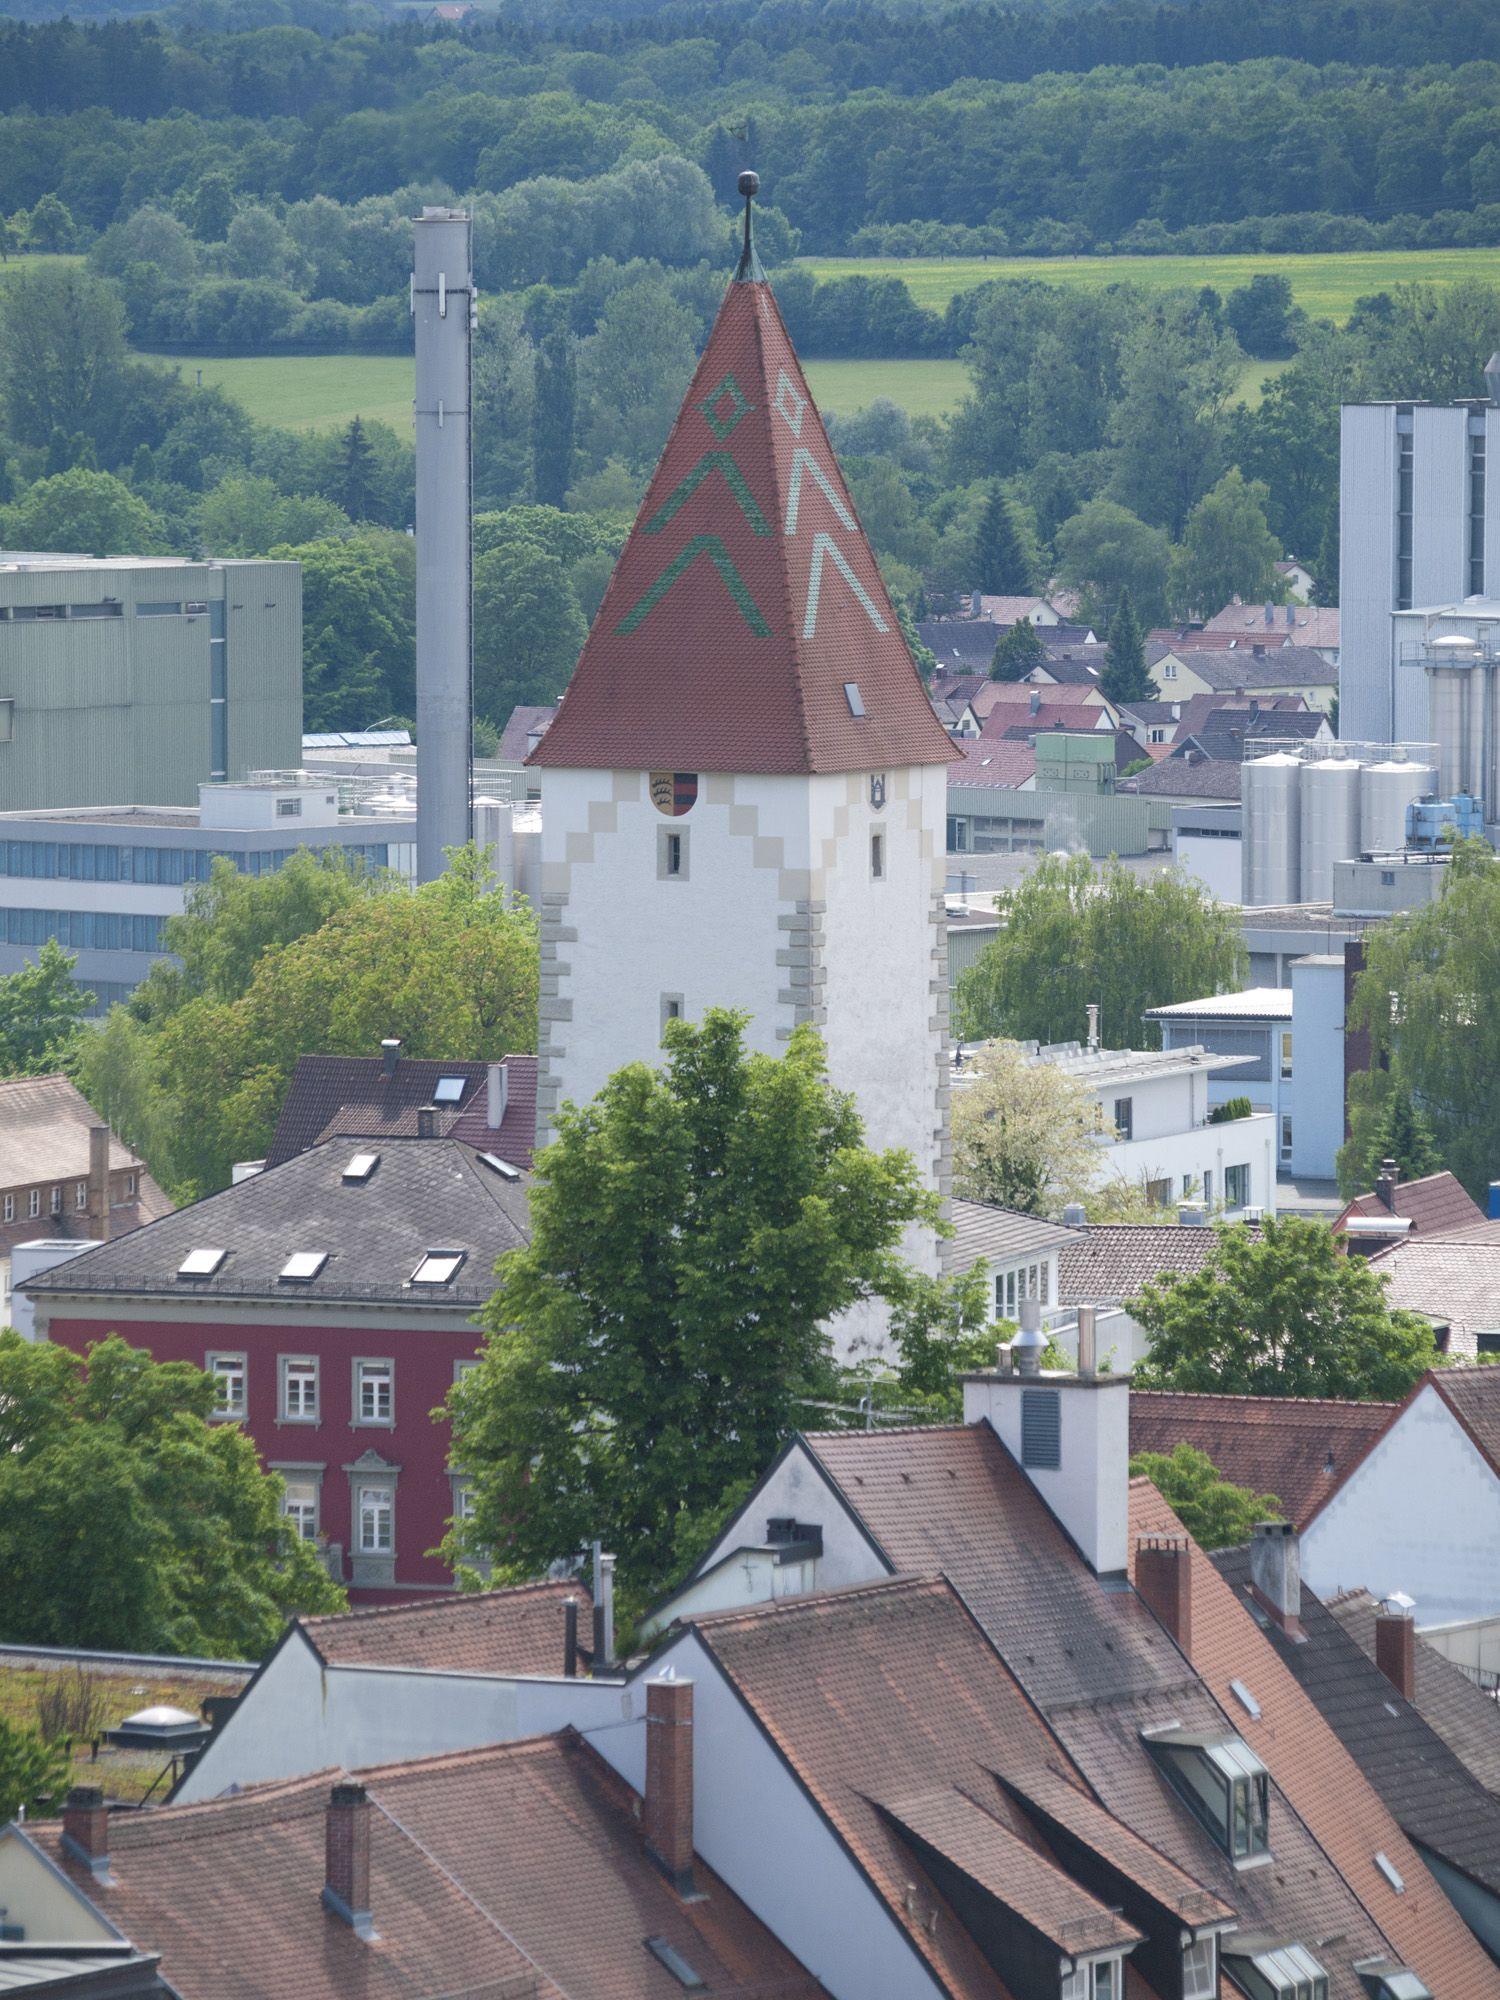 Der Spitalturm In Ravensburg Liegt Im Sudwesten Der Stadt Am Bodensee Im Volksmund Hiesst Der Spitalturm Auch Saut Bodensee Urlaub Schwarzwald Urlaub Bodensee